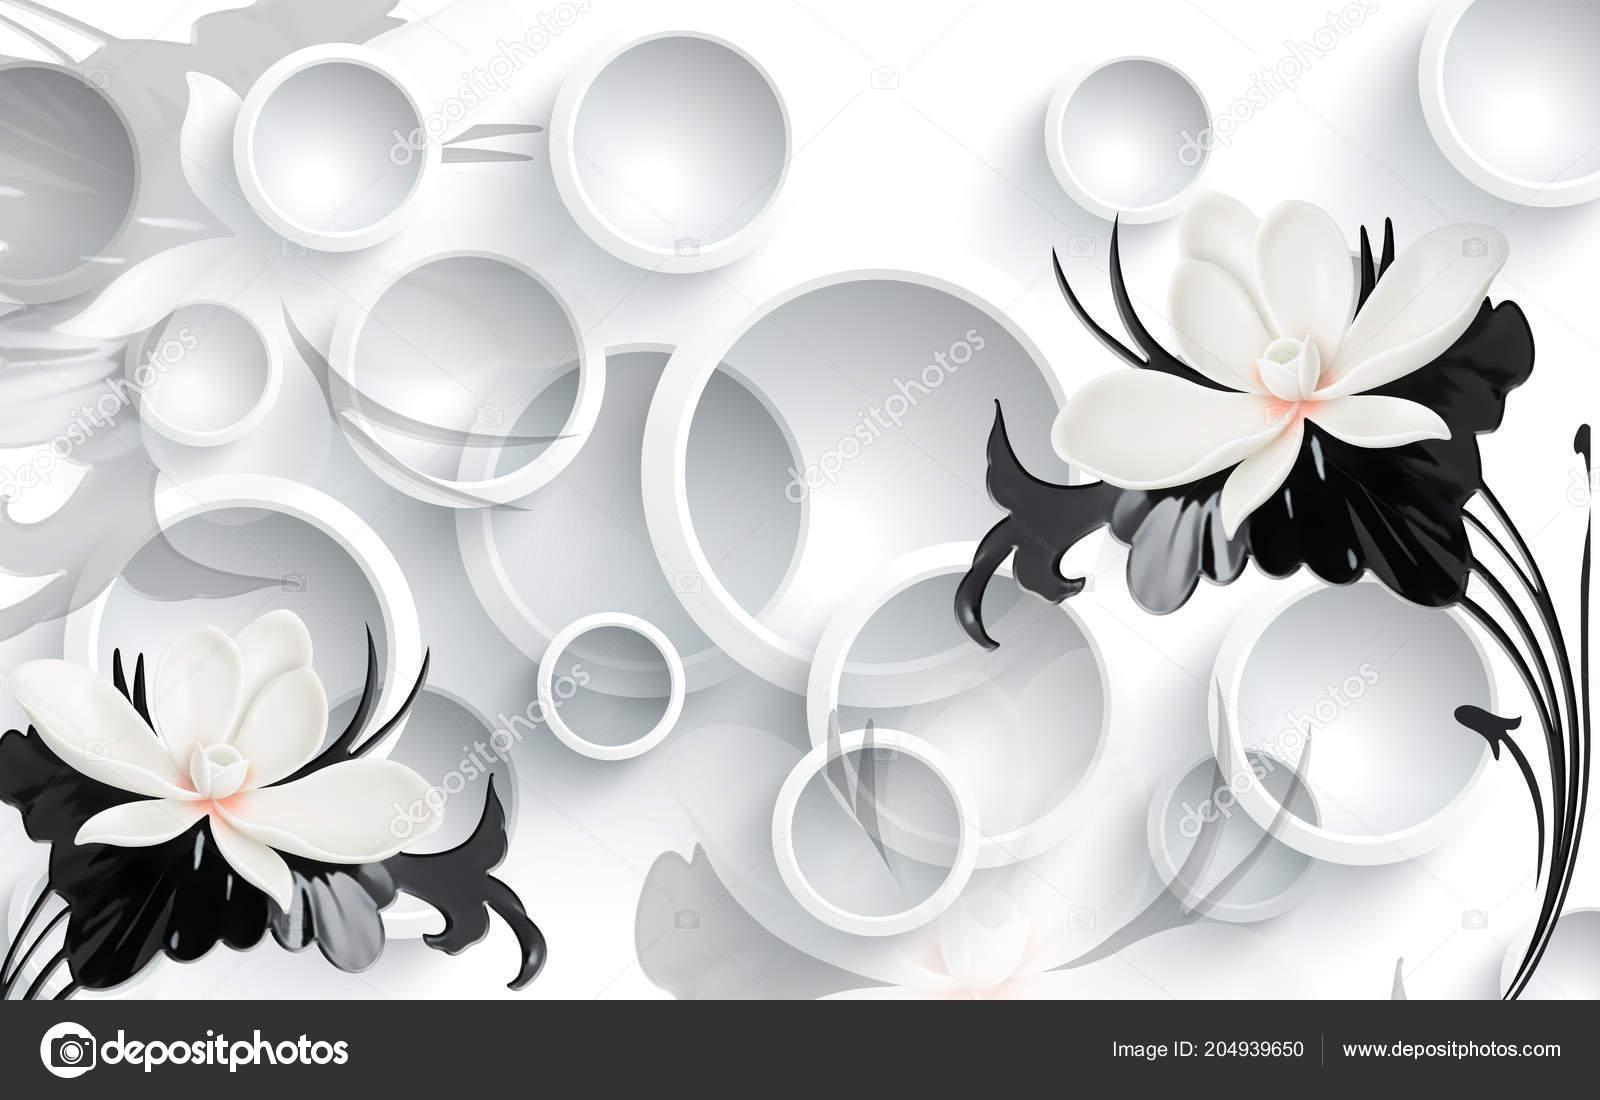 White Flowers White Circle Background Wallpaper Walls - Papel De Parede 3d Com Flores , HD Wallpaper & Backgrounds